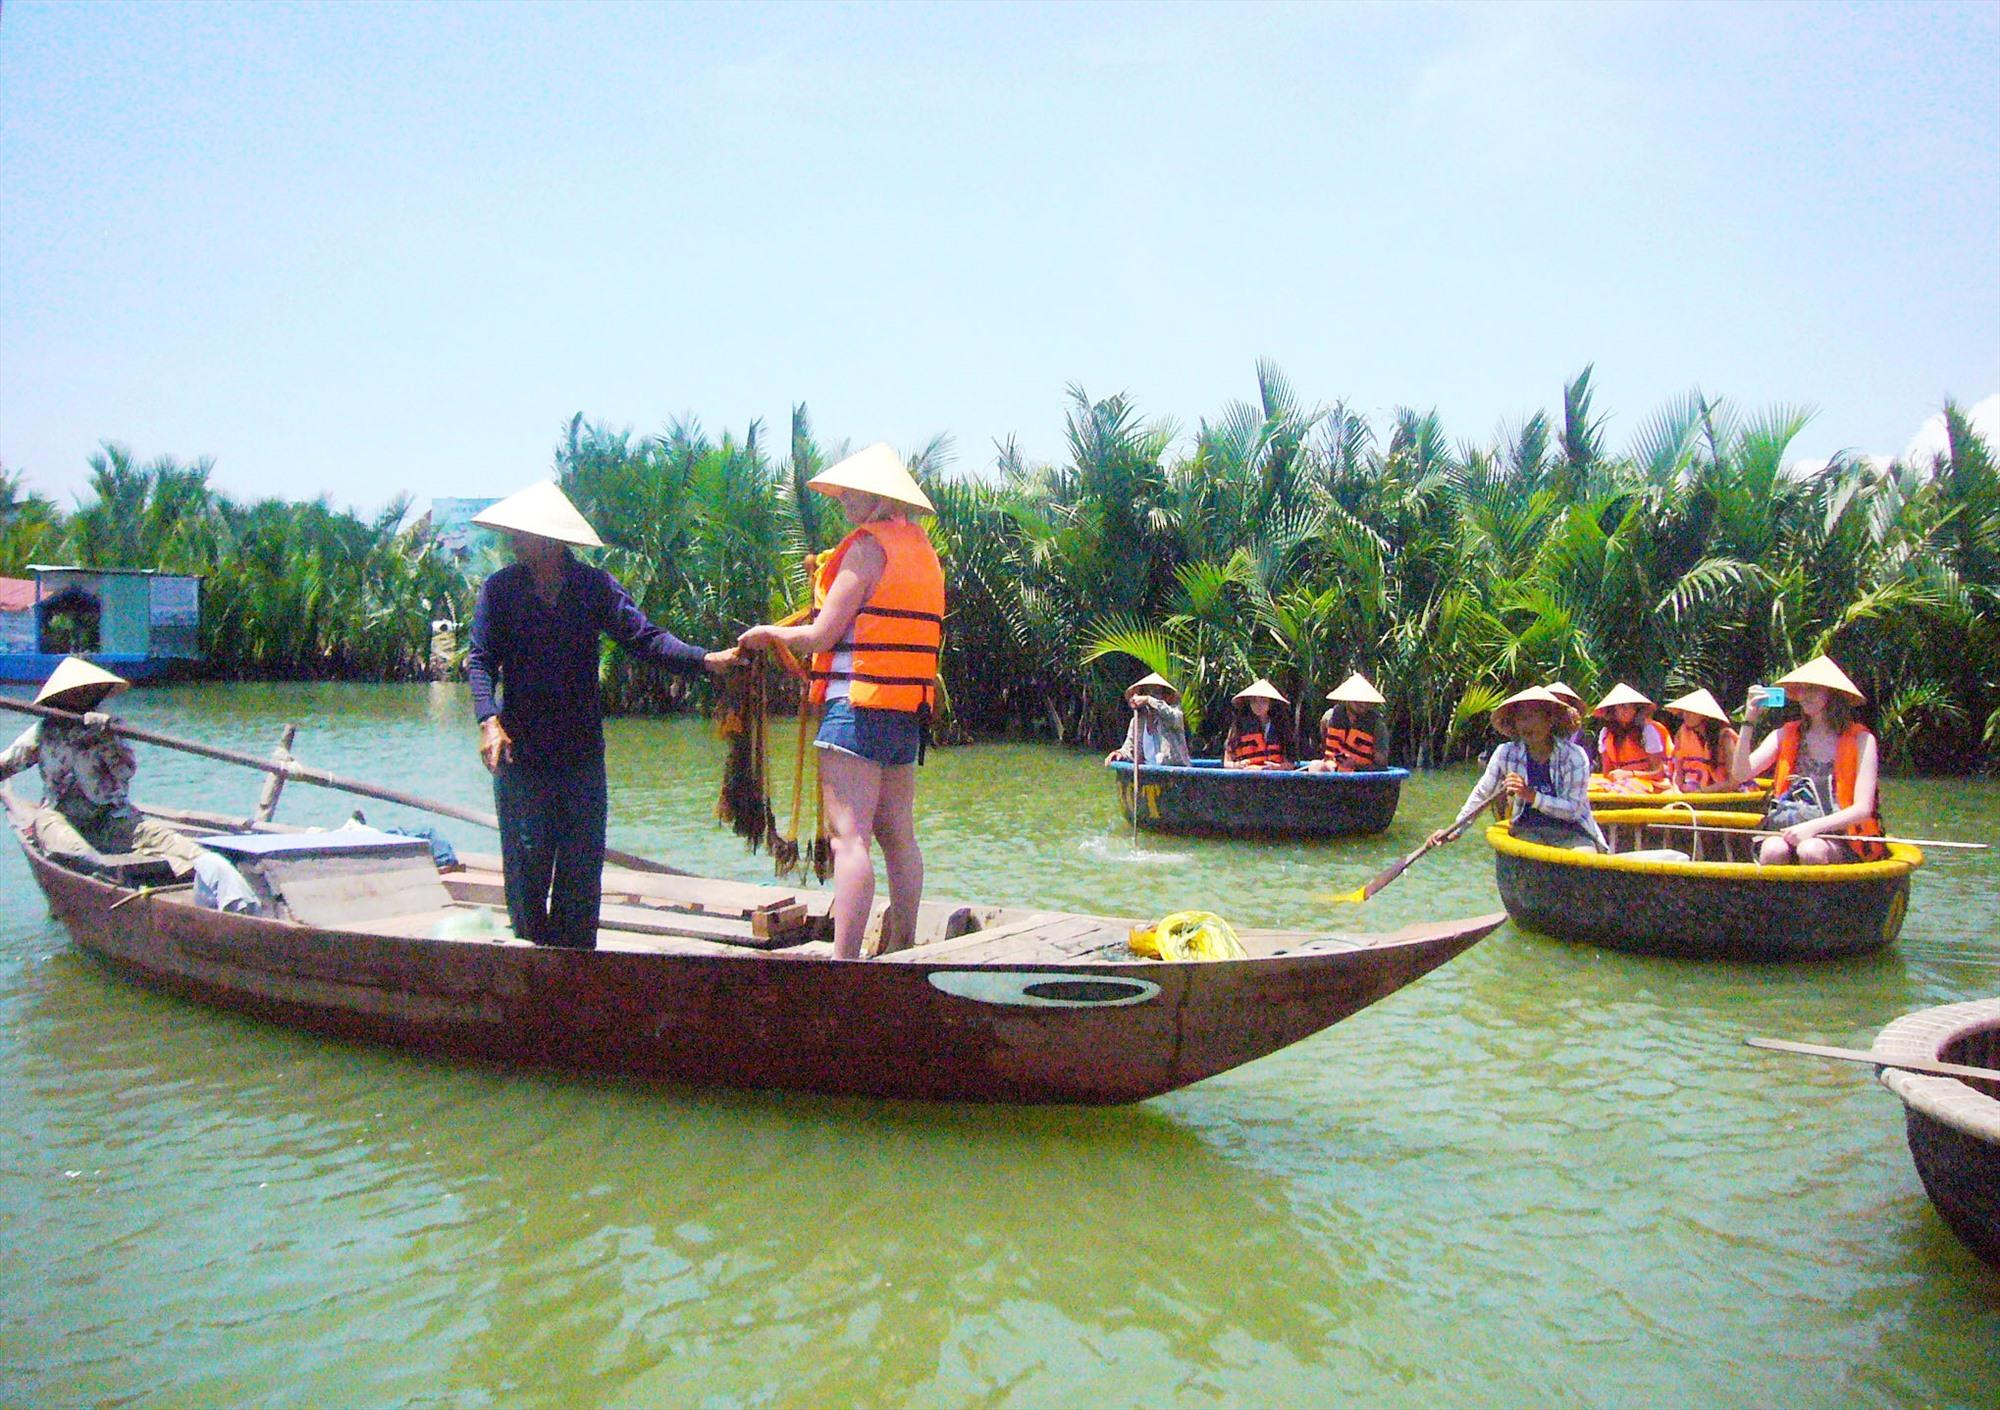 Du khách trải nghiệm đời sống cư dân vùng sông nước Cẩm Thanh. Ảnh: Đ.H